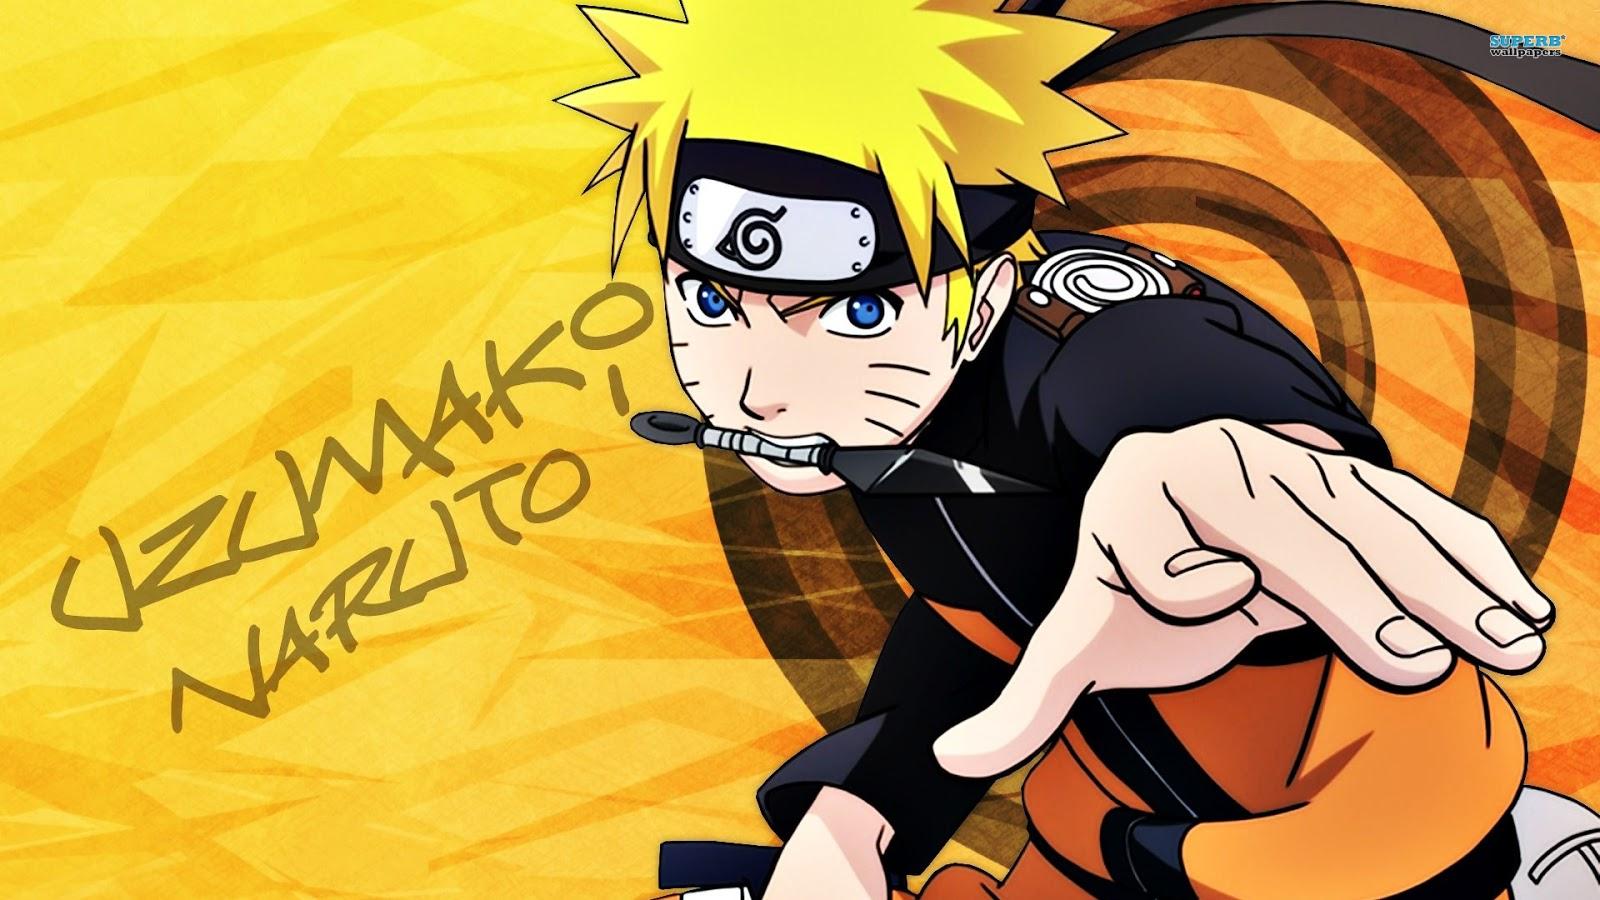 Download Wallpaper Naruto 1080p - naruto-pain-uzumaki-anime-520599  Graphic_807359.jpg